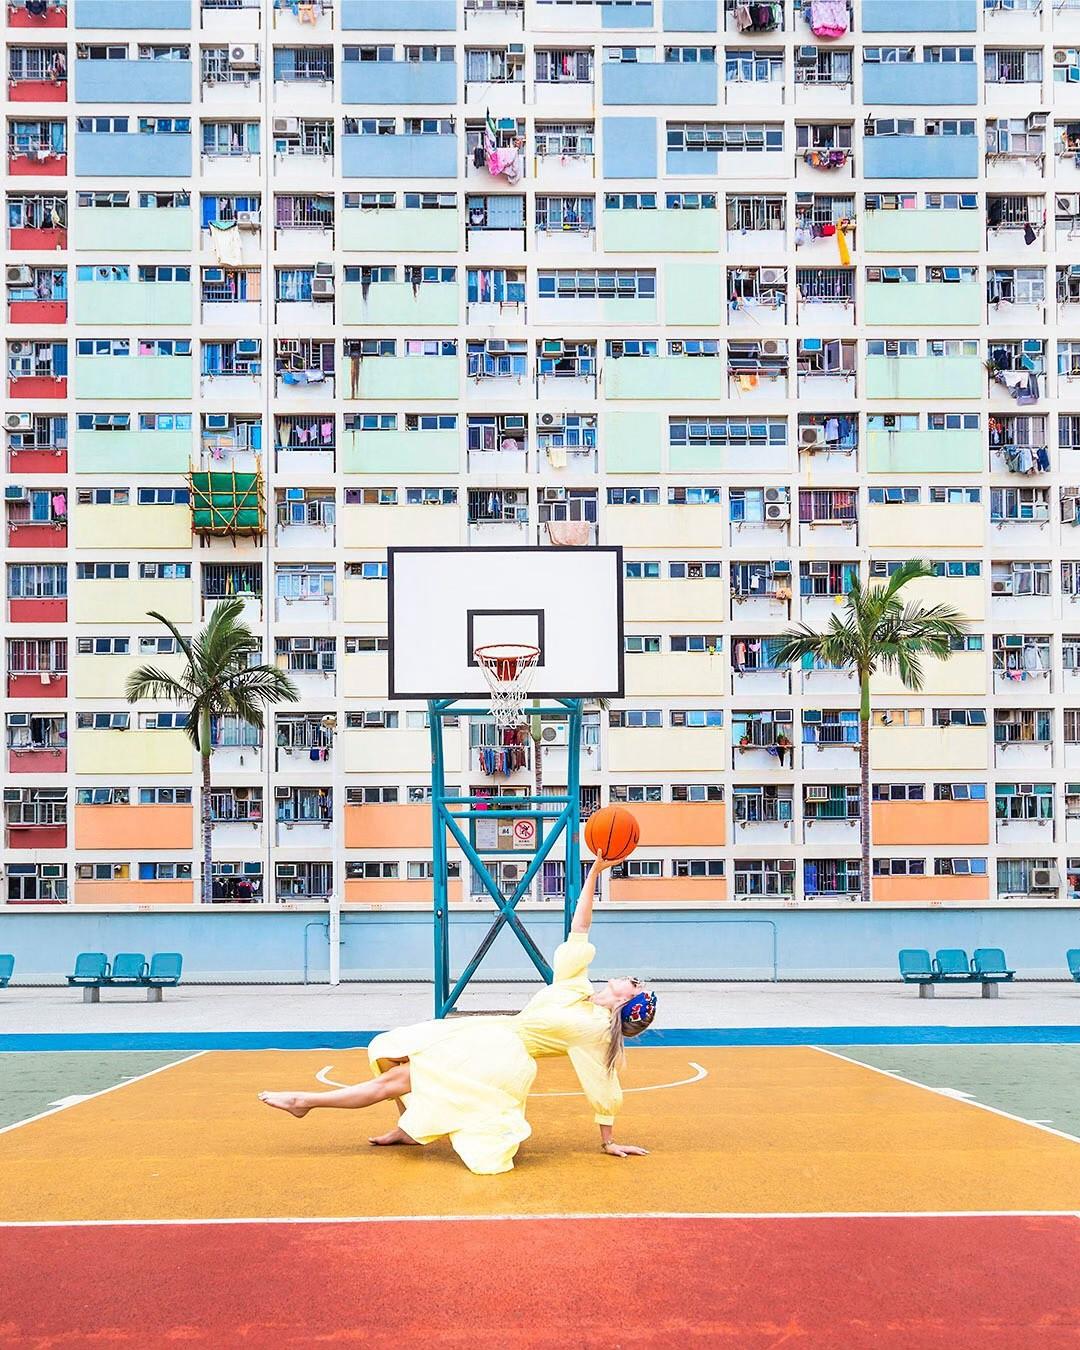 Bỏ túi ngay 8 điểm 'sống ảo' nổi tiếng ở Hong Kong, vị trí thứ 2 hot đến nỗi còn lọt vào top được check-in nhiều nhất trên Instagram! - Ảnh 7.